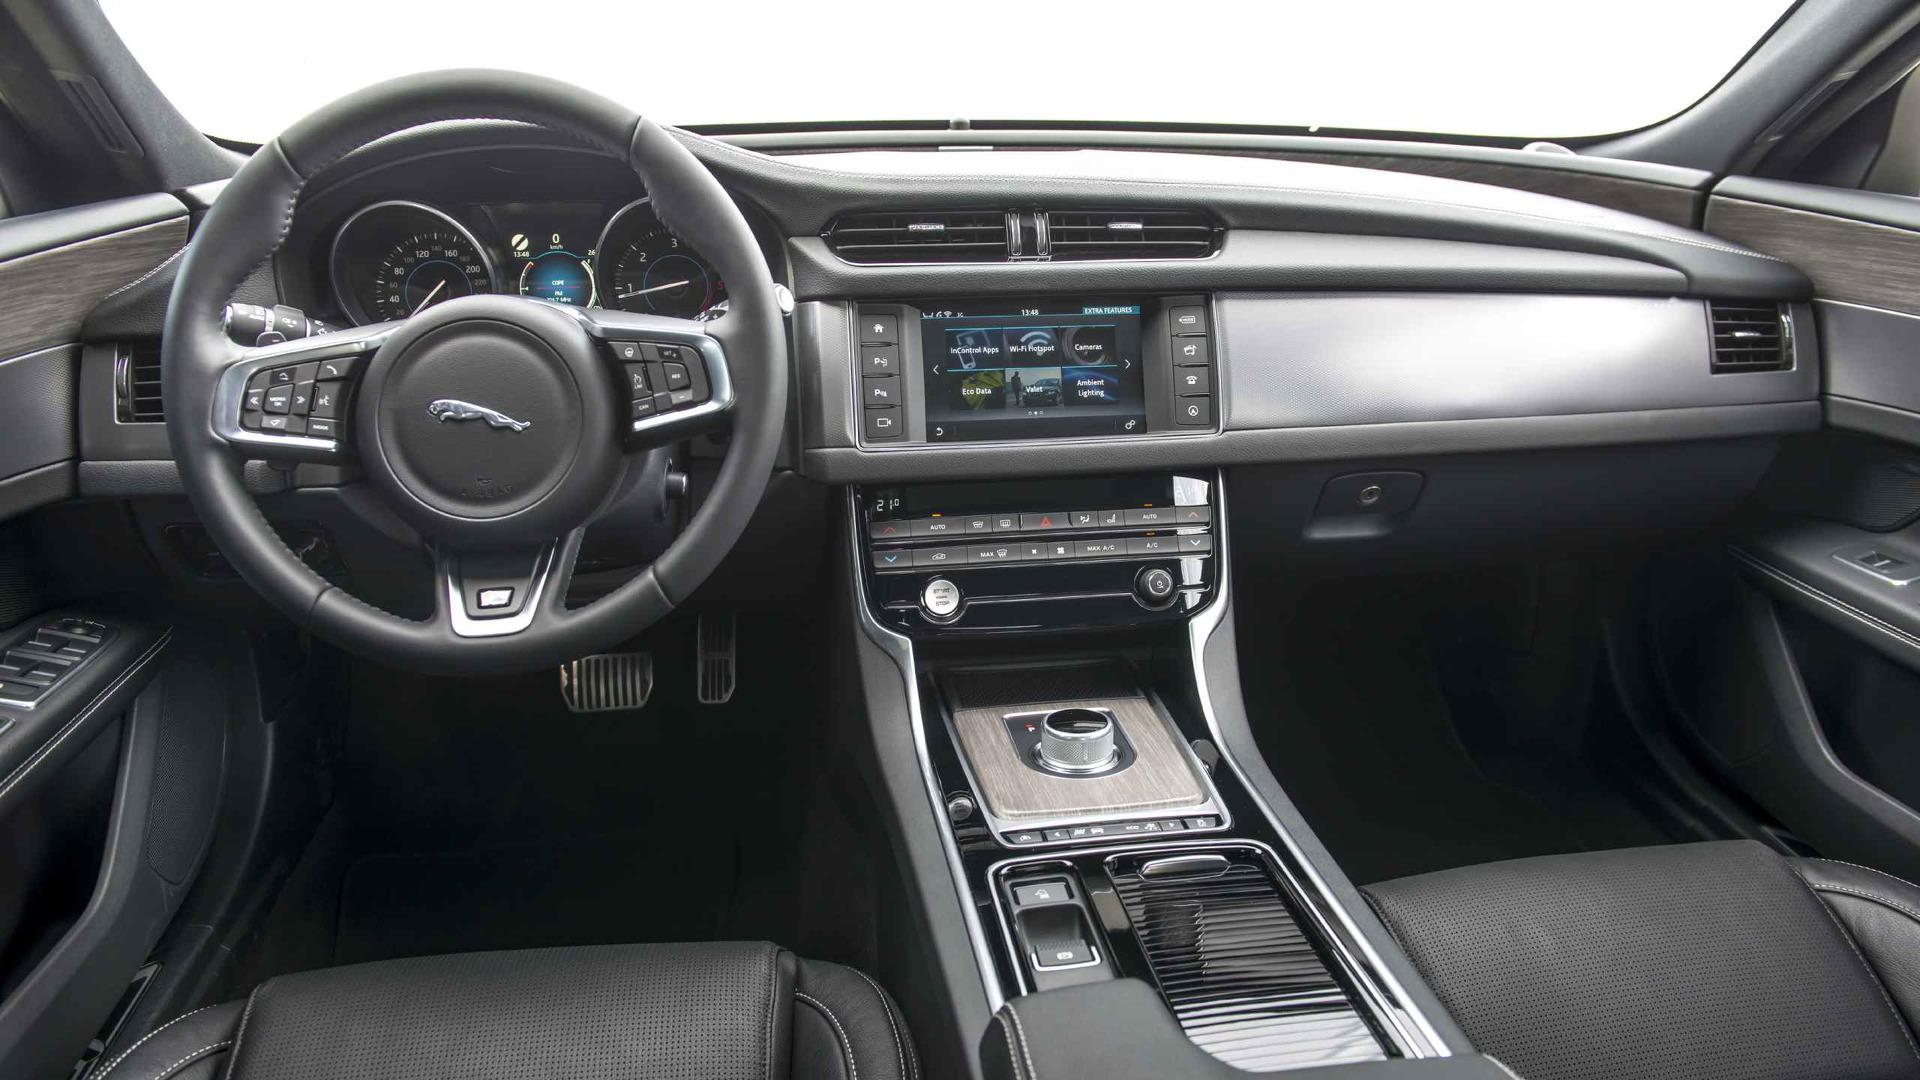 Motor1.com